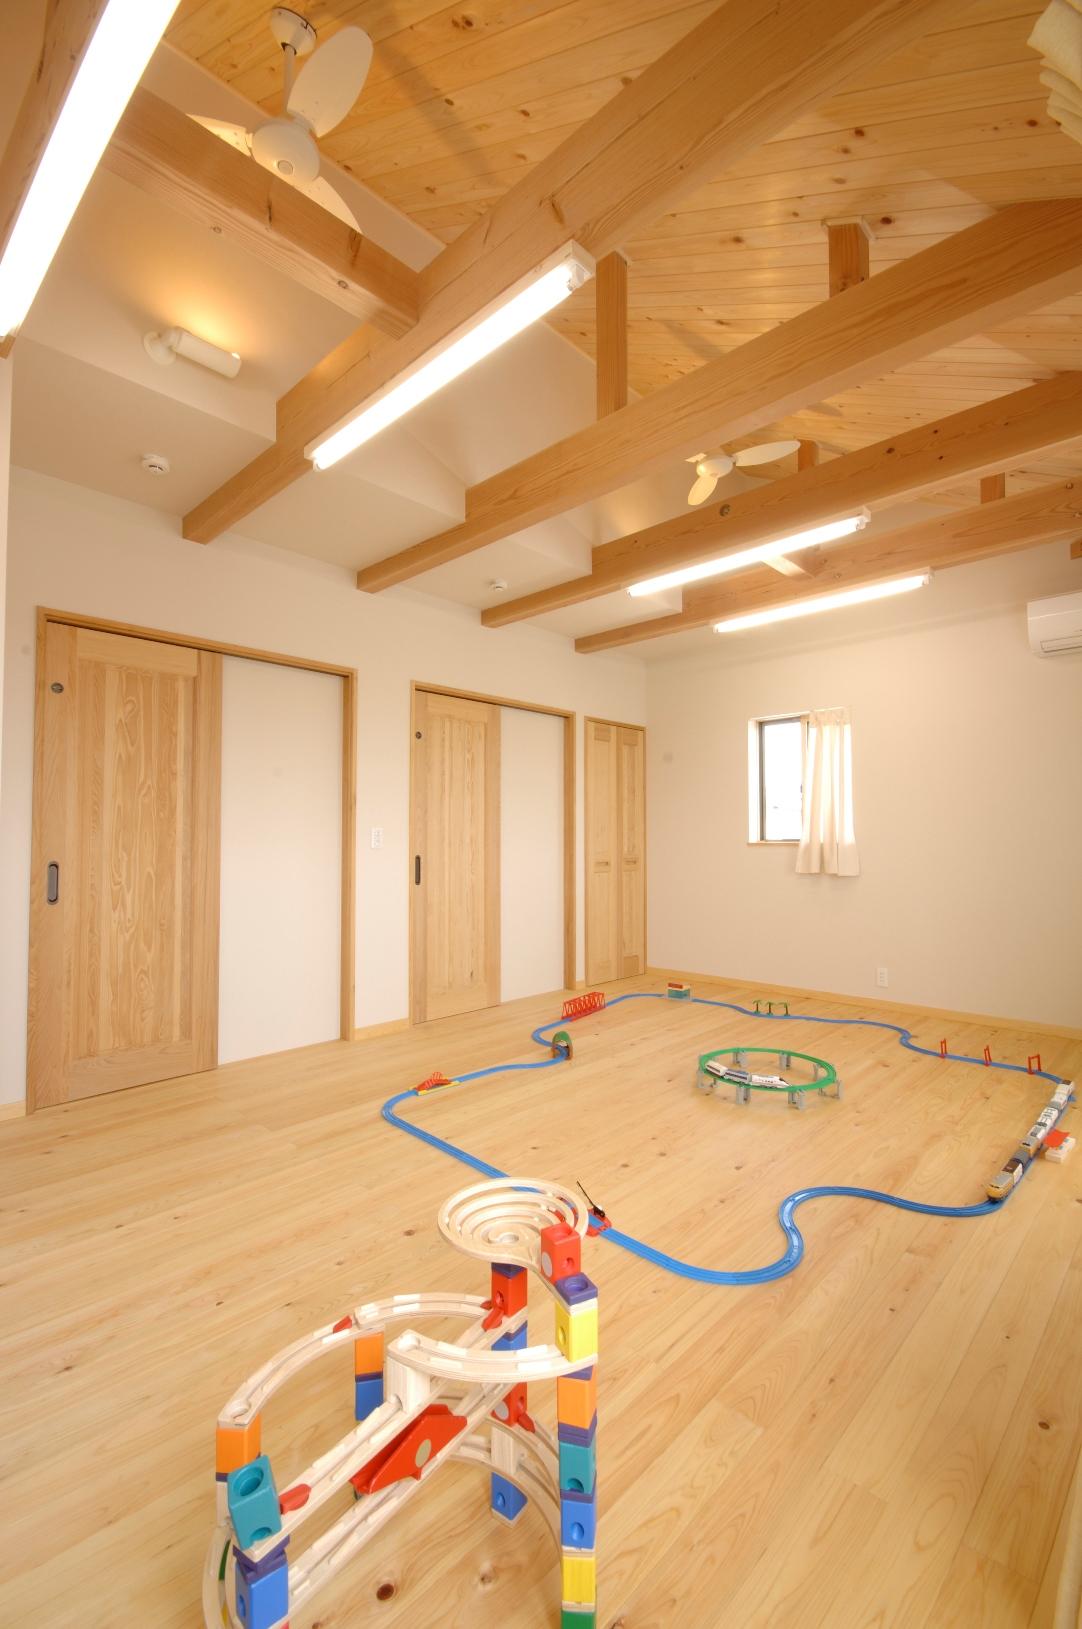 広々とした子ども部屋。自然素材に囲まれ、のびのびと感性豊かに育ちます。